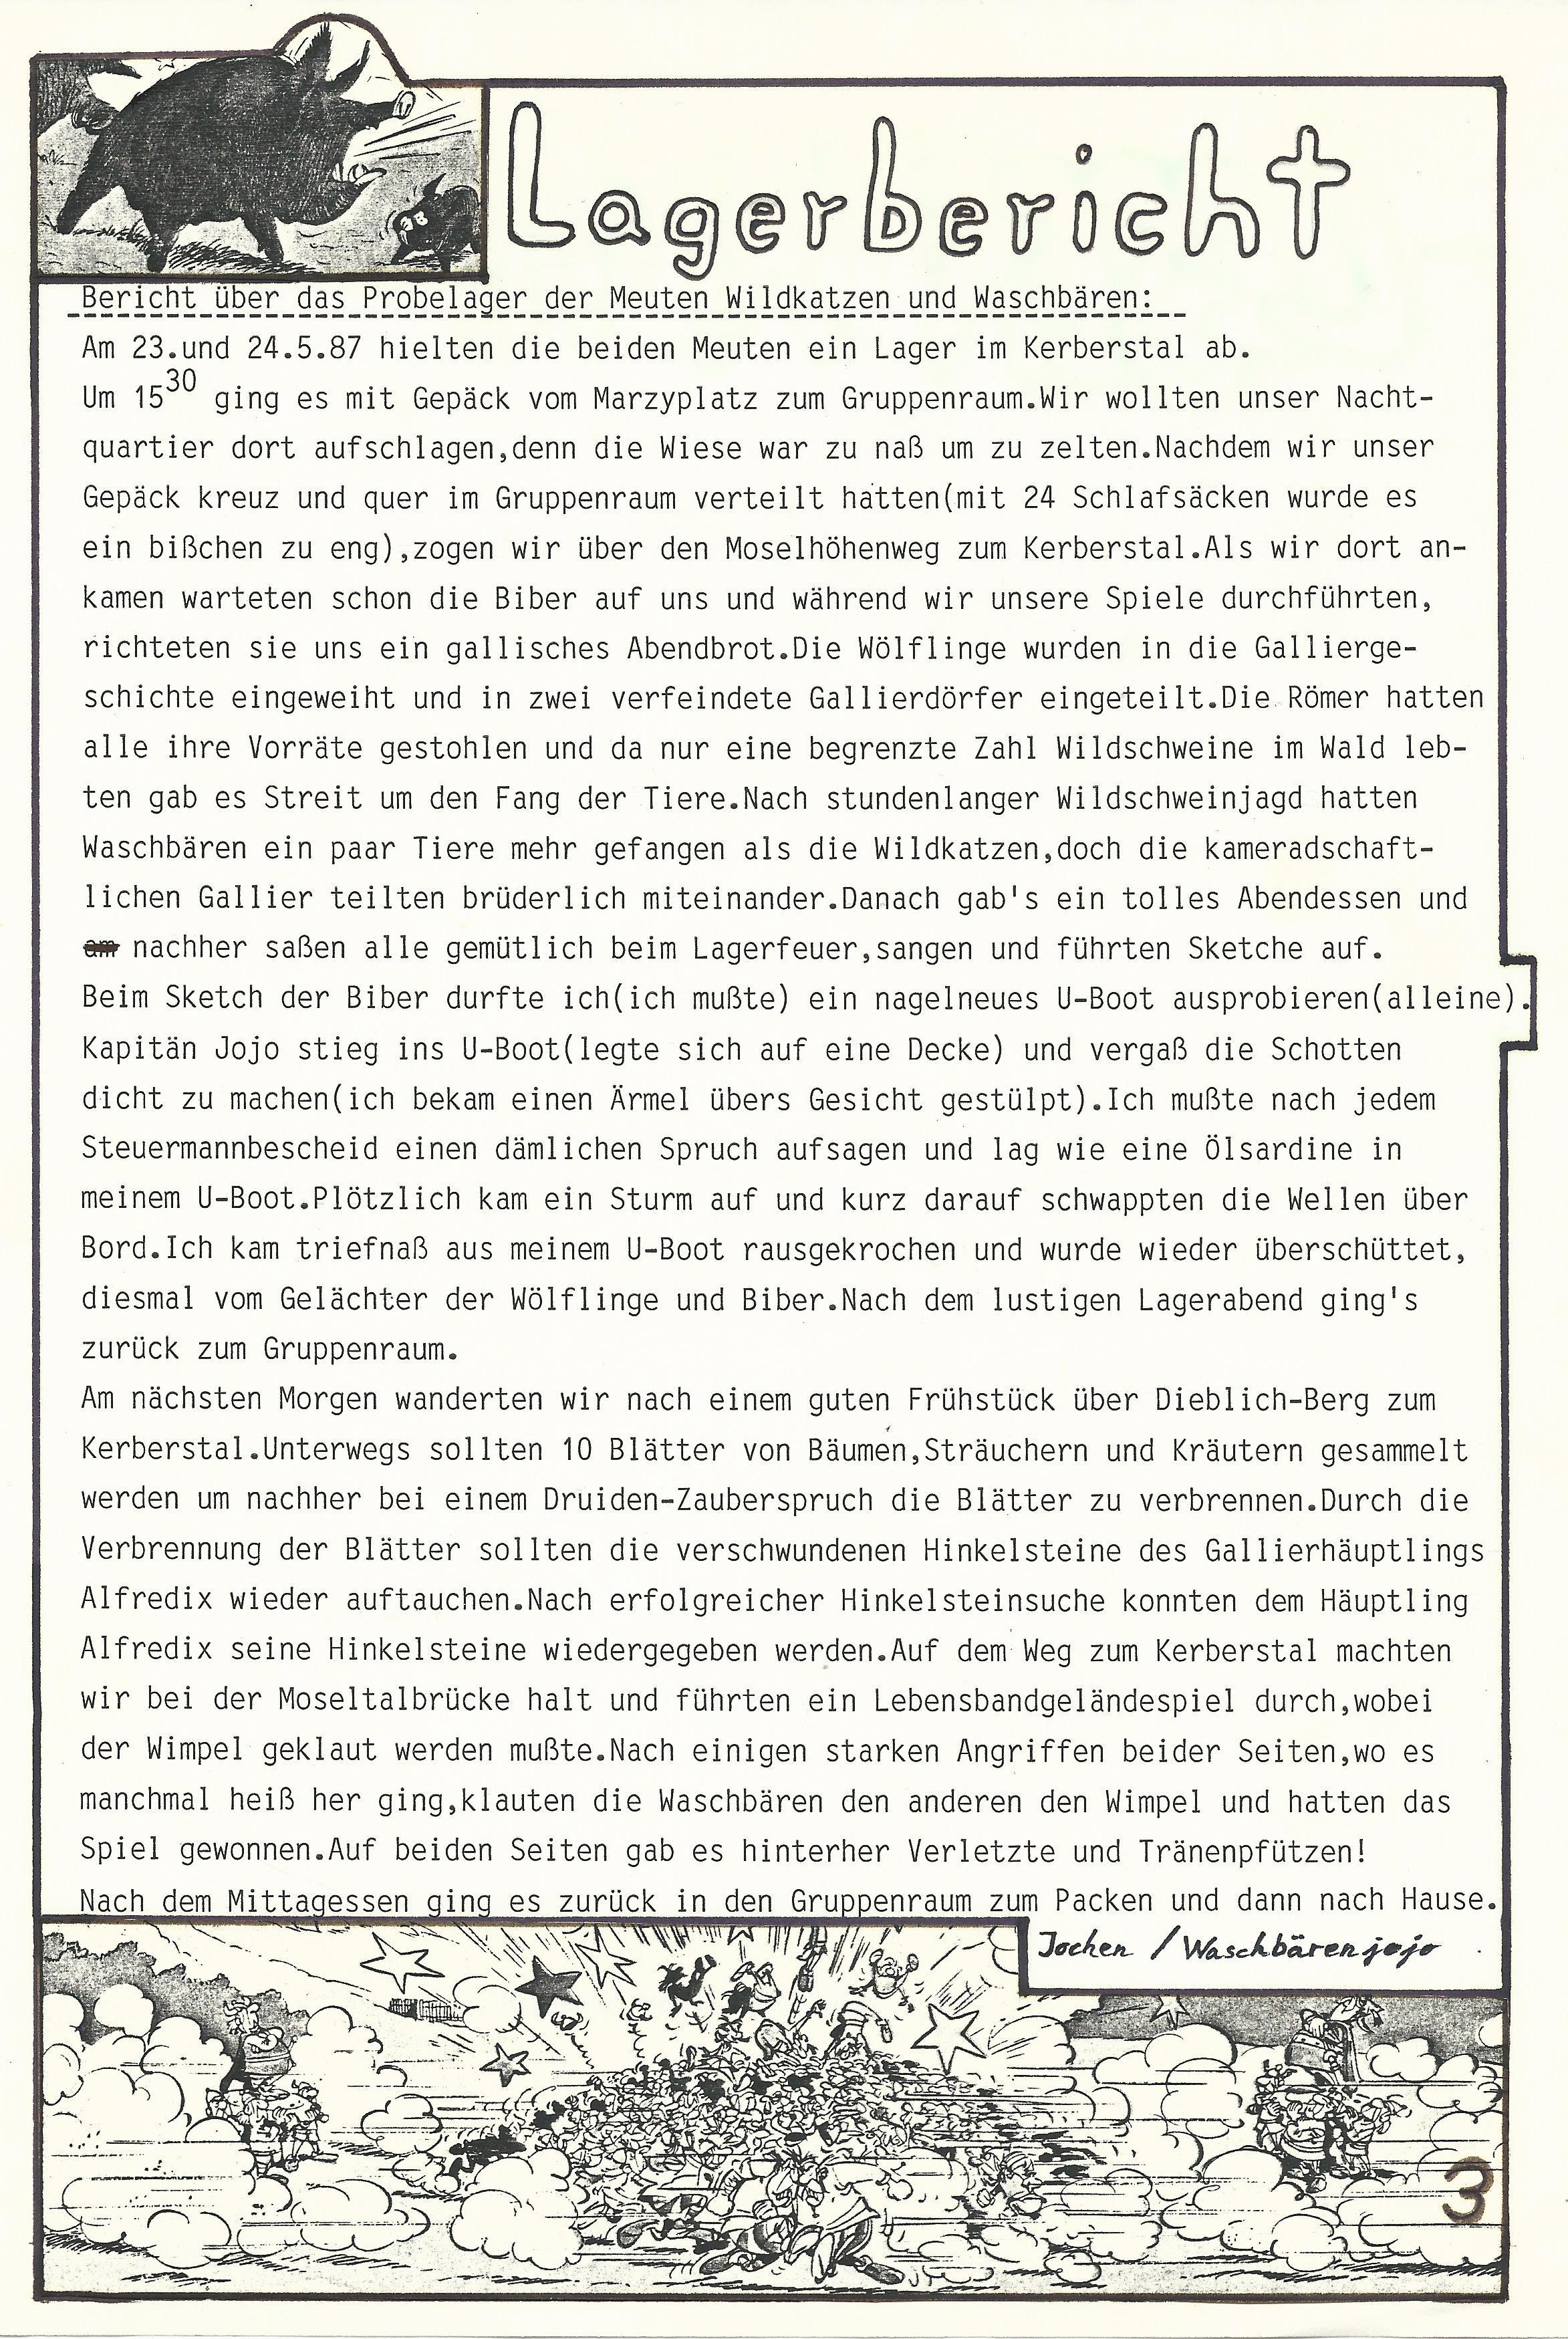 Meutenprobelager 1987